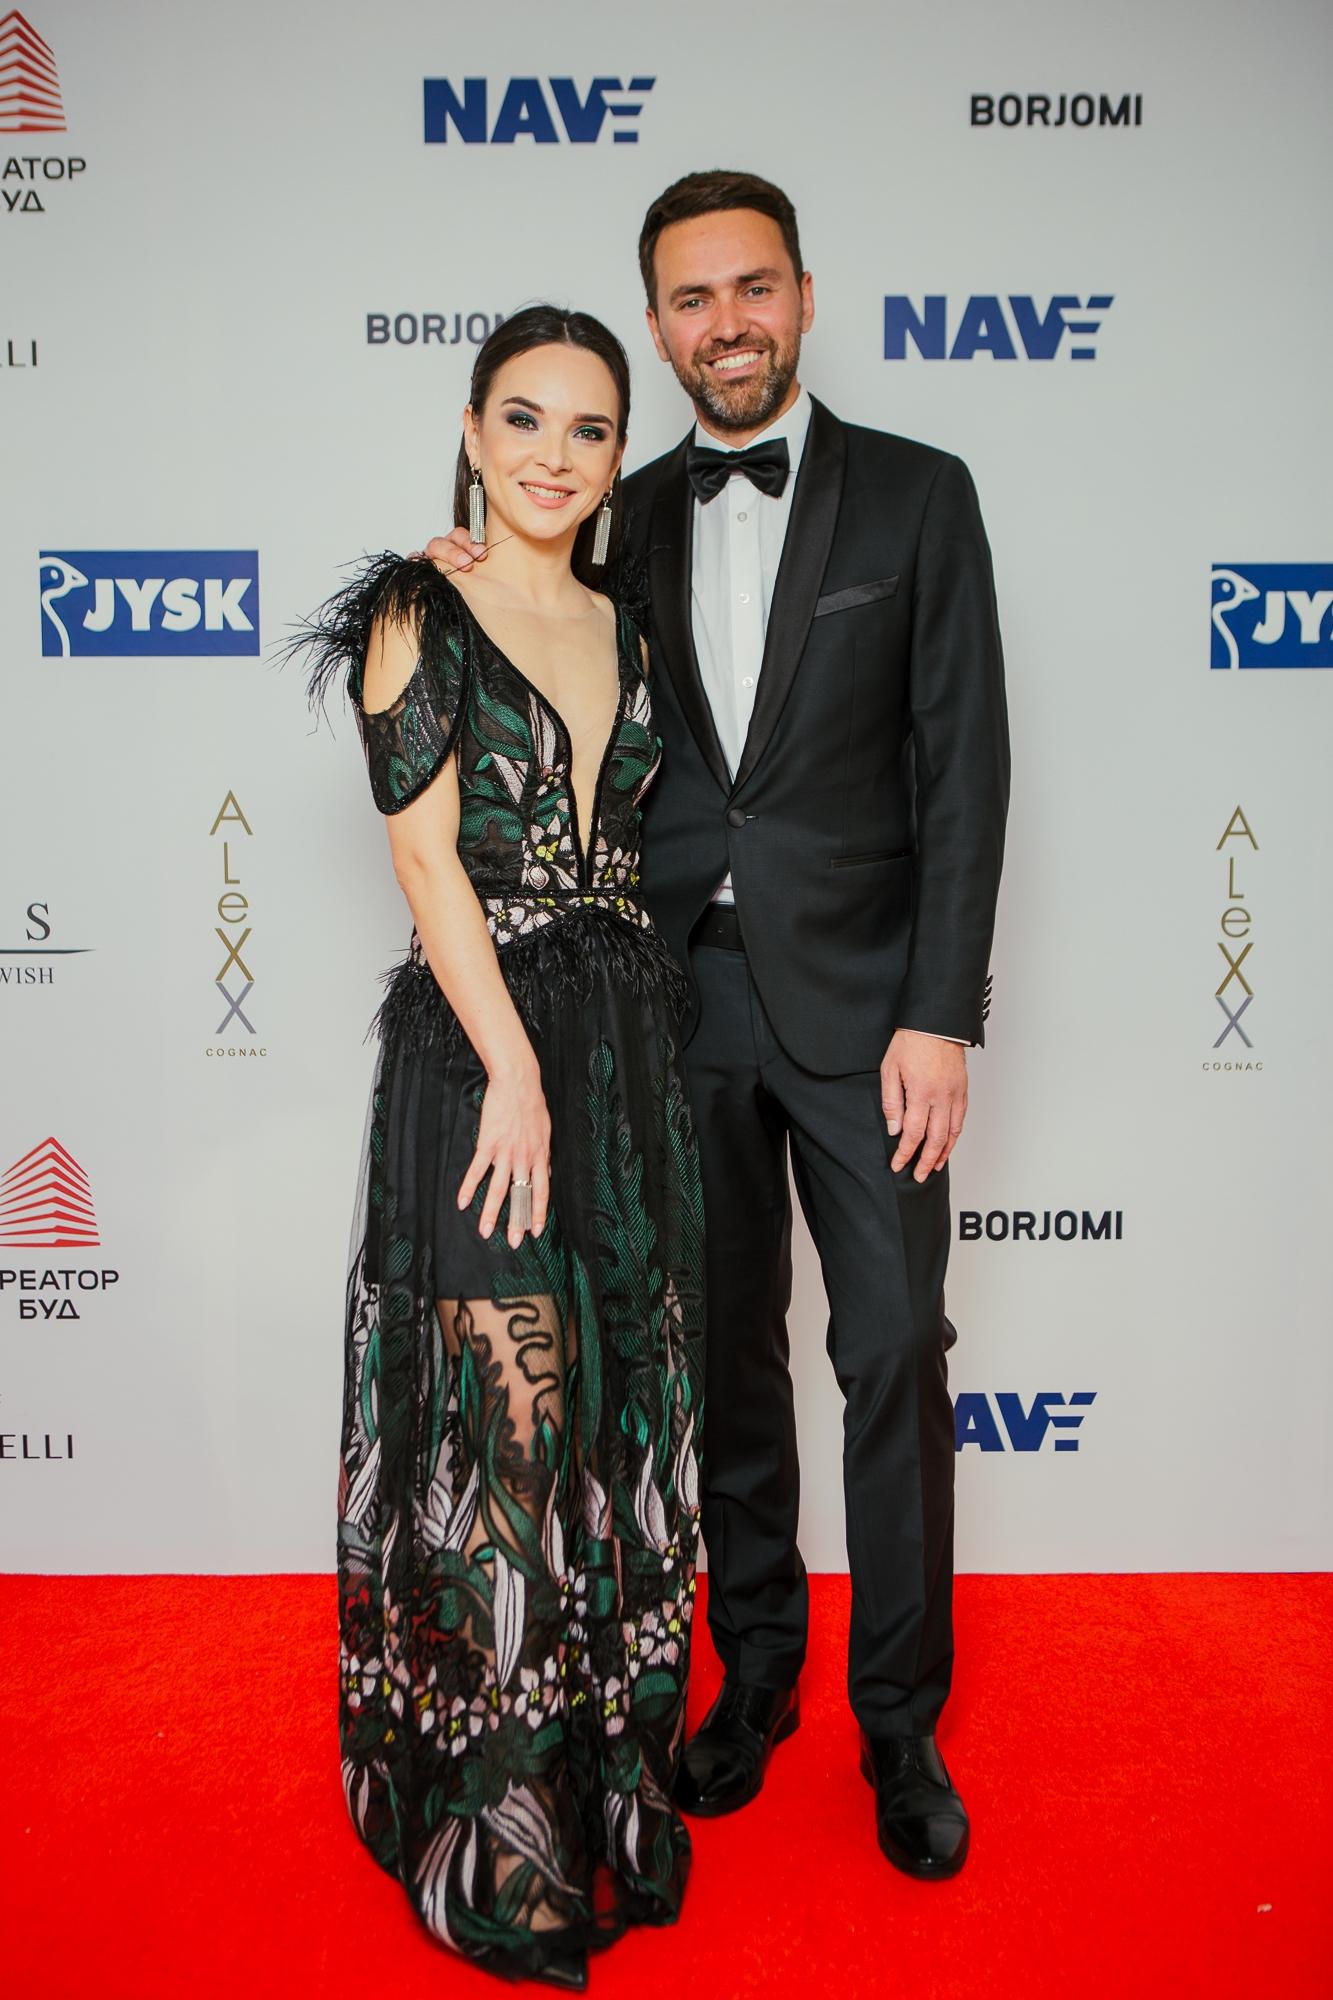 Viva! Awards 2021: выбираем самый эффектный наряды на красной дорожке (ФОТО+ГОЛОСОВАНИЕ) - фото №10